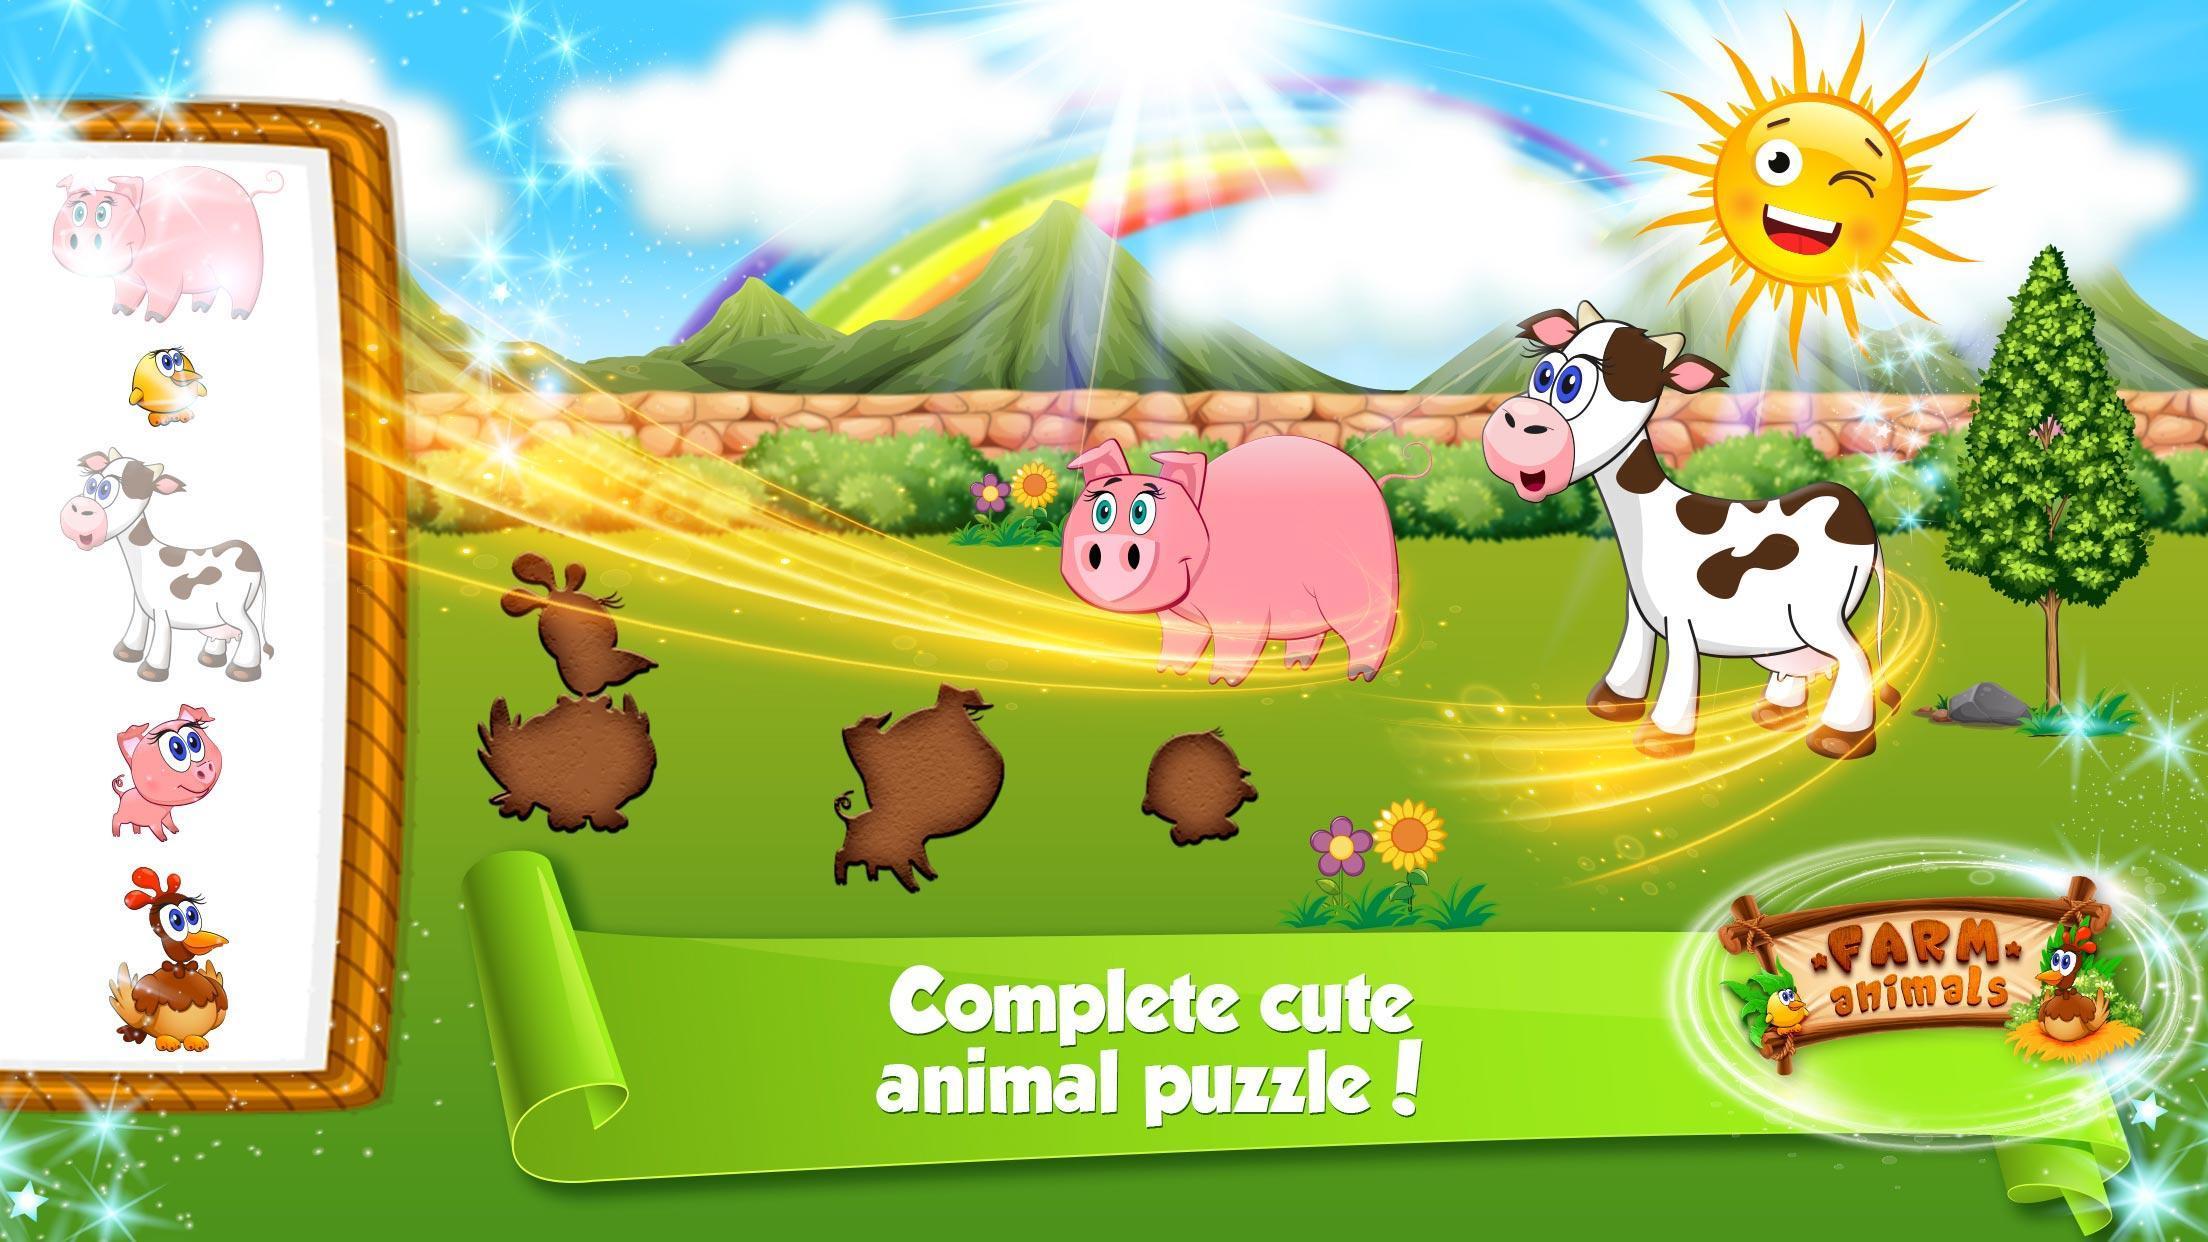 Apprendre Les Animaux Pour Bebe : Jeux Éducatifs Pour intérieur Apprendre Les Animaux Jeux Éducatifs